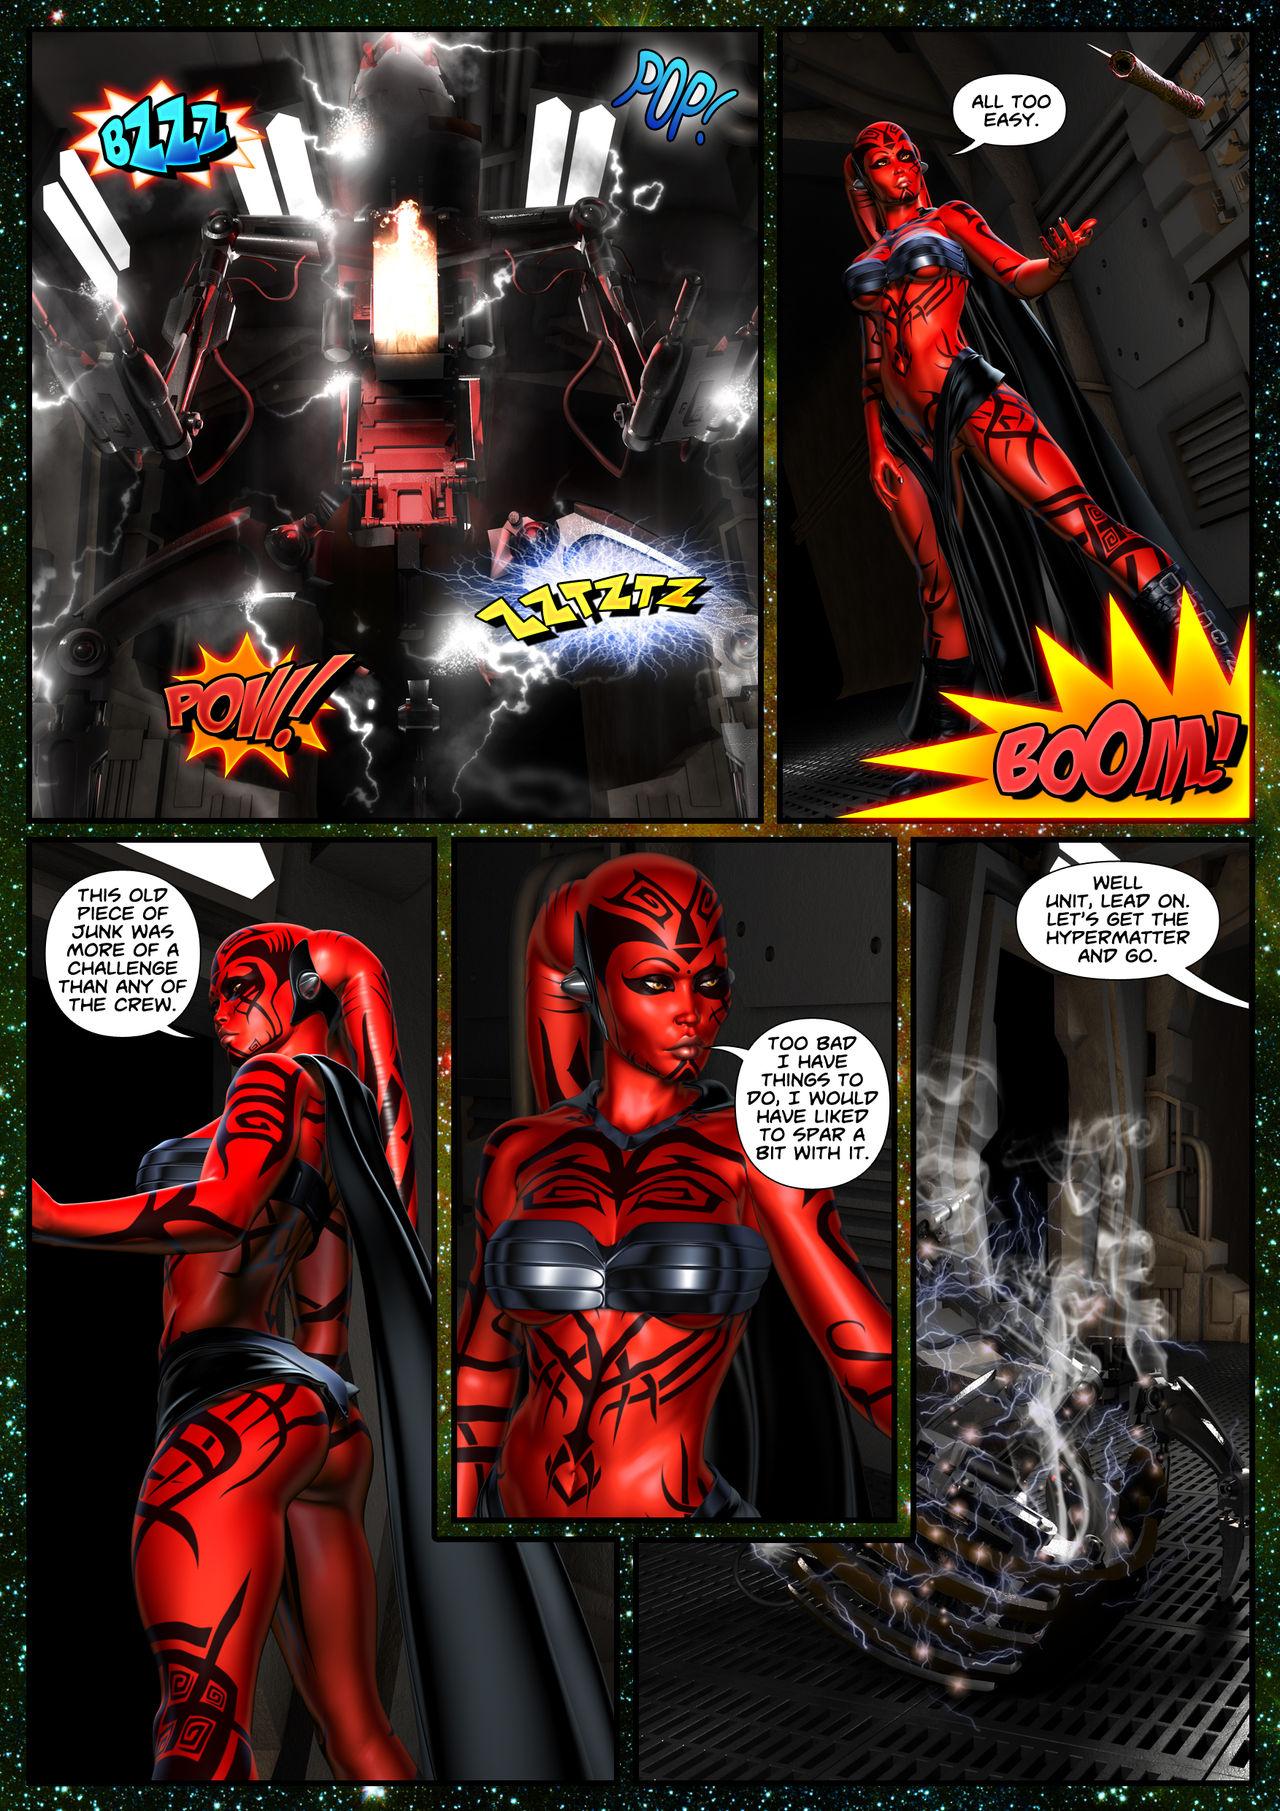 darthhell - Talon X 2 (Star Wars)